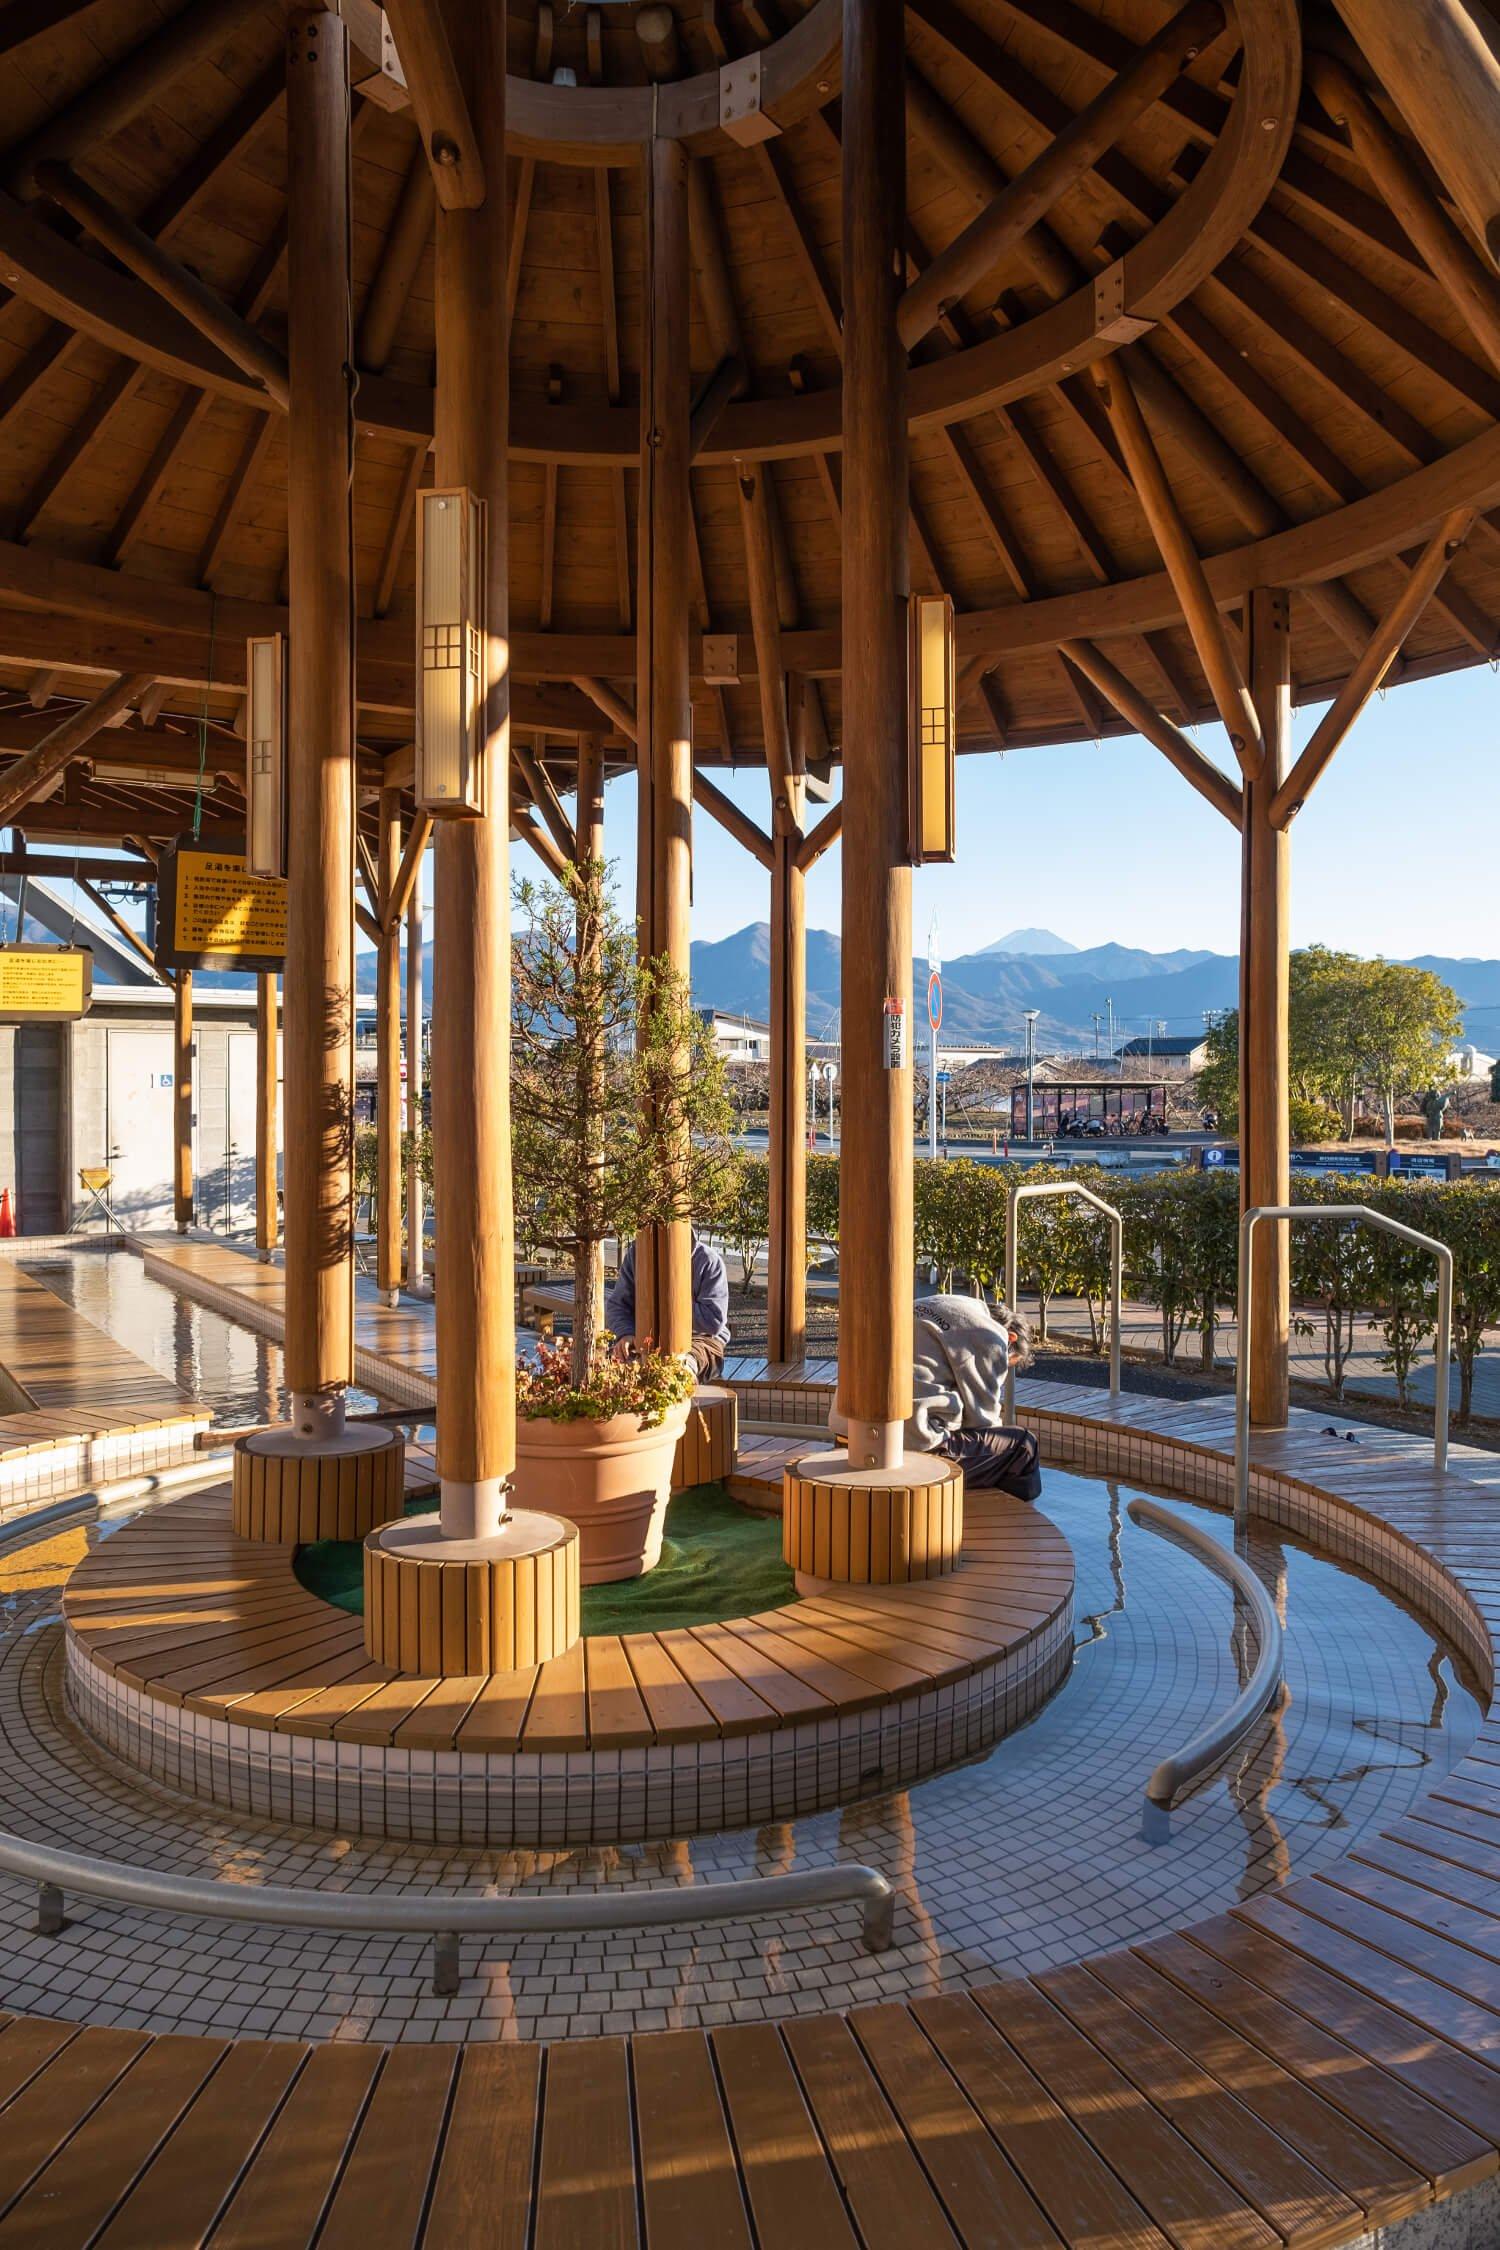 春日居足湯施設からは御坂(みさか)山塊の先に頭をのぞかせる富士山の姿もチラリ。